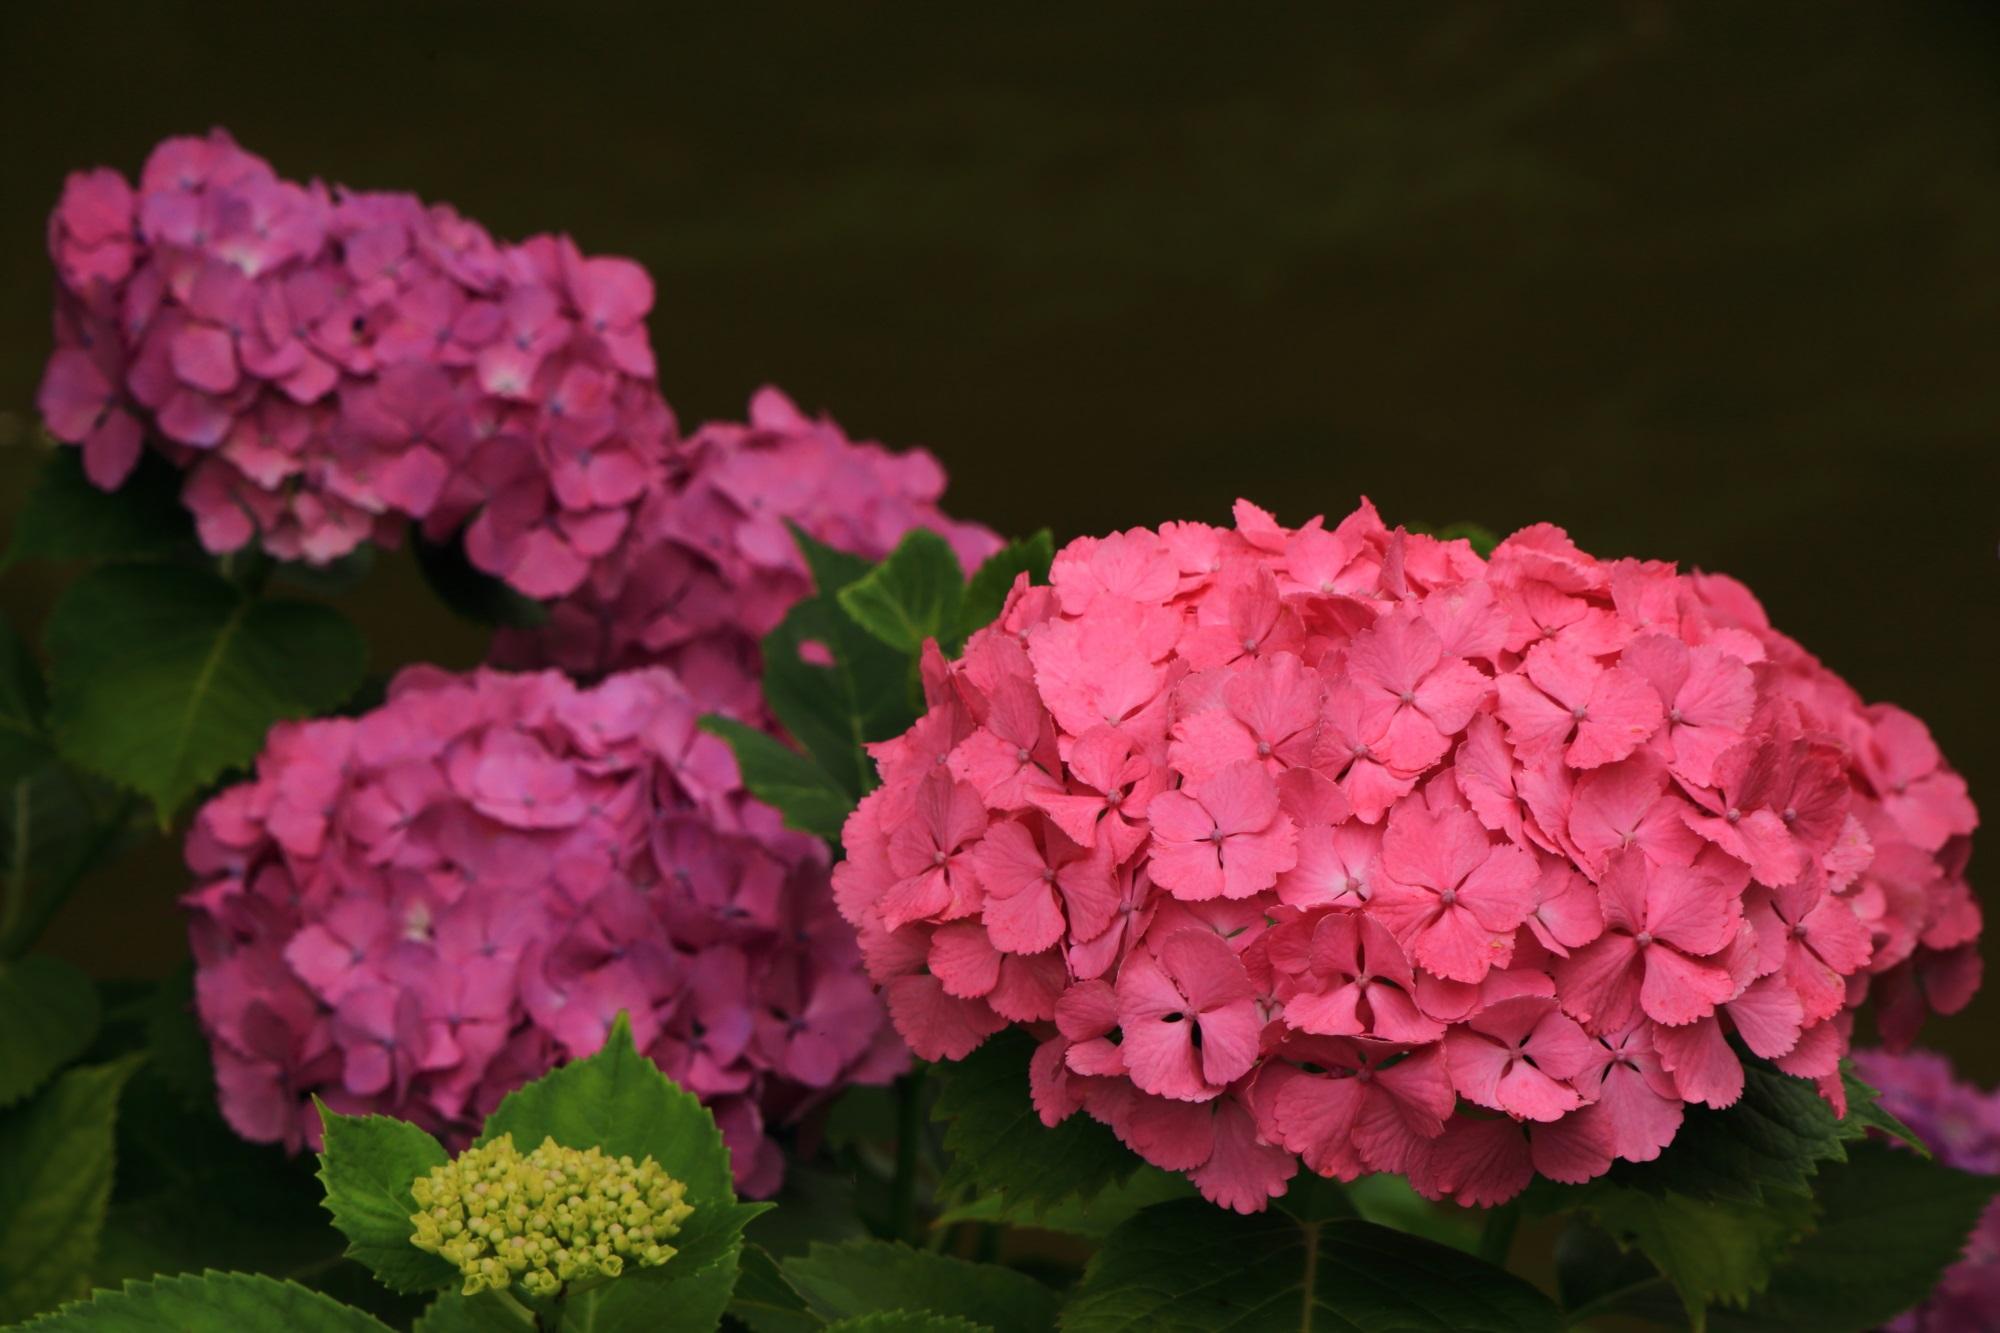 赤に近い鮮やかなピンクの紫陽花